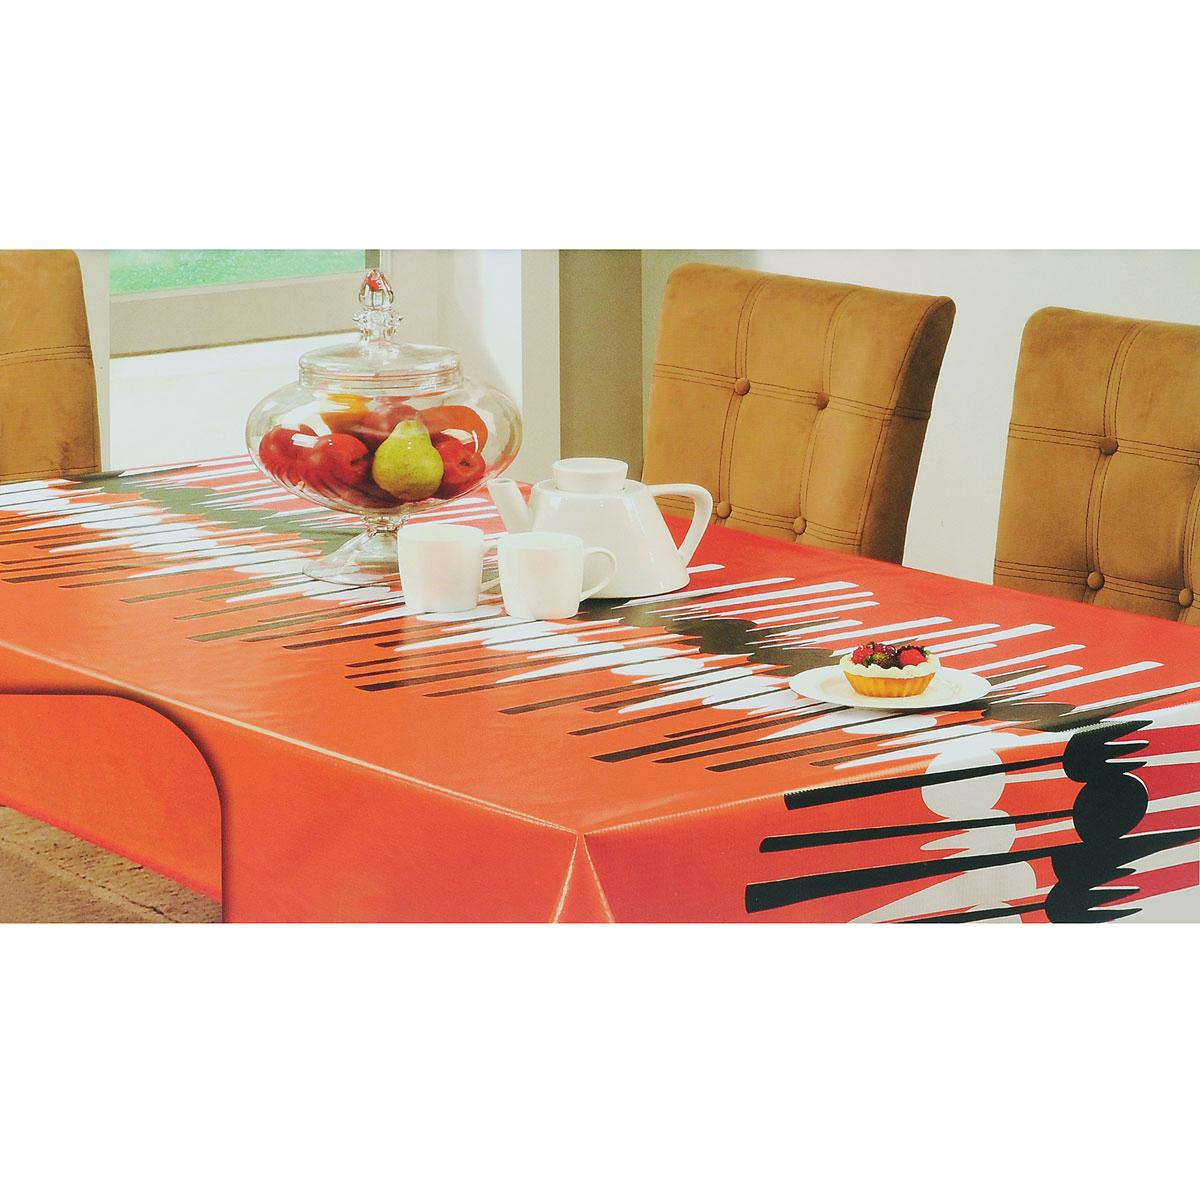 Скатерть White Fox Осень, квадратная, цвет: красный, оранжевый, 152 x 152 смWКTC72-257Квадратная скатерть White Fox Осень, выполненная из ПВХ с основой из флиса, предназначена для защиты стола от царапин, пятен и крошек. Край скатерти обработан тканью. Скатерть оформлена изображением столовых приборов, а рифлёная поверхность скатерти формирует приятные тактильные ощущения, при этом частички пищи удаляются с легкостью и поверхность остается всегда чистой. Скатерть термостойкая, выдерживает температуру до +70 °C. Скатерть White Fox проста в уходе - её можно протирать любыми моющими средствами при необходимости. Скатерть упакована в виниловый пакет с внутренним цветным вкладышем и подвесом в виде крючка.